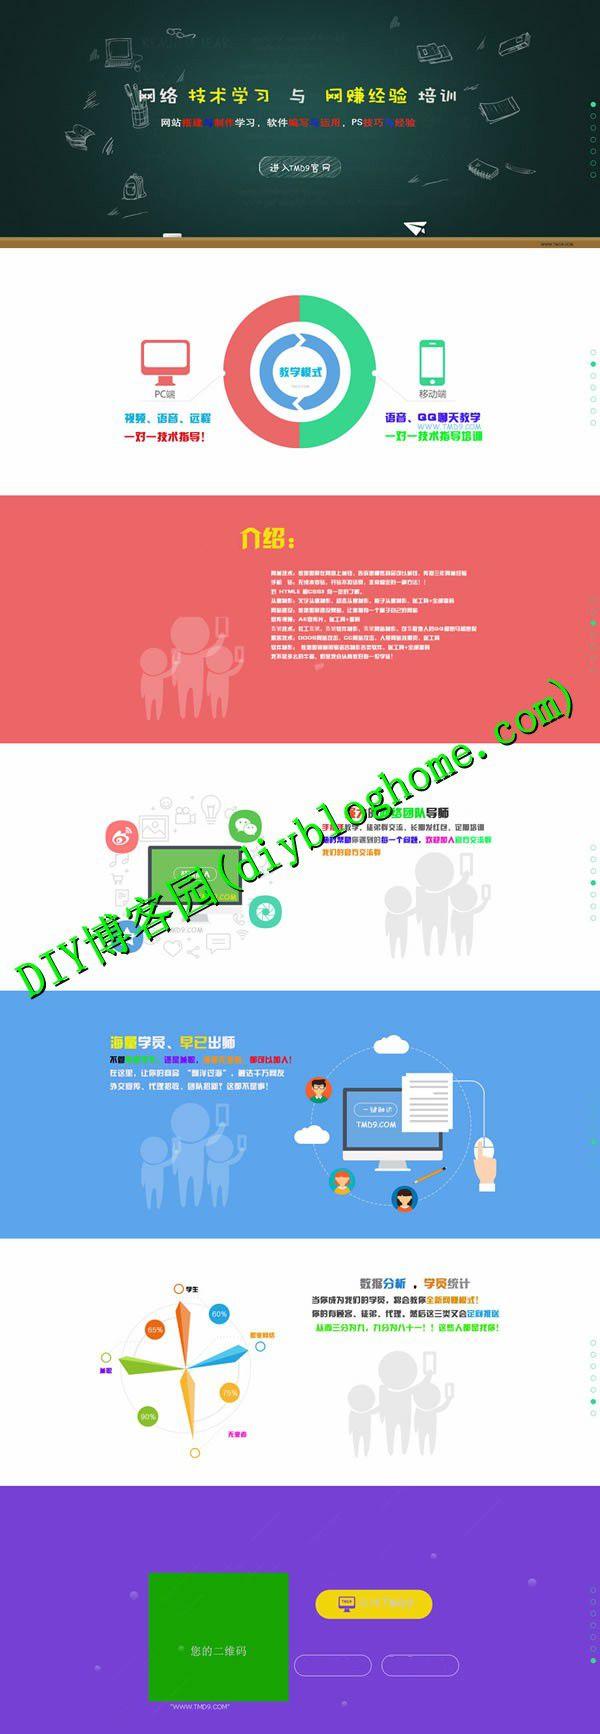 很漂亮的网络技术单页模板 HTML5引导页源码